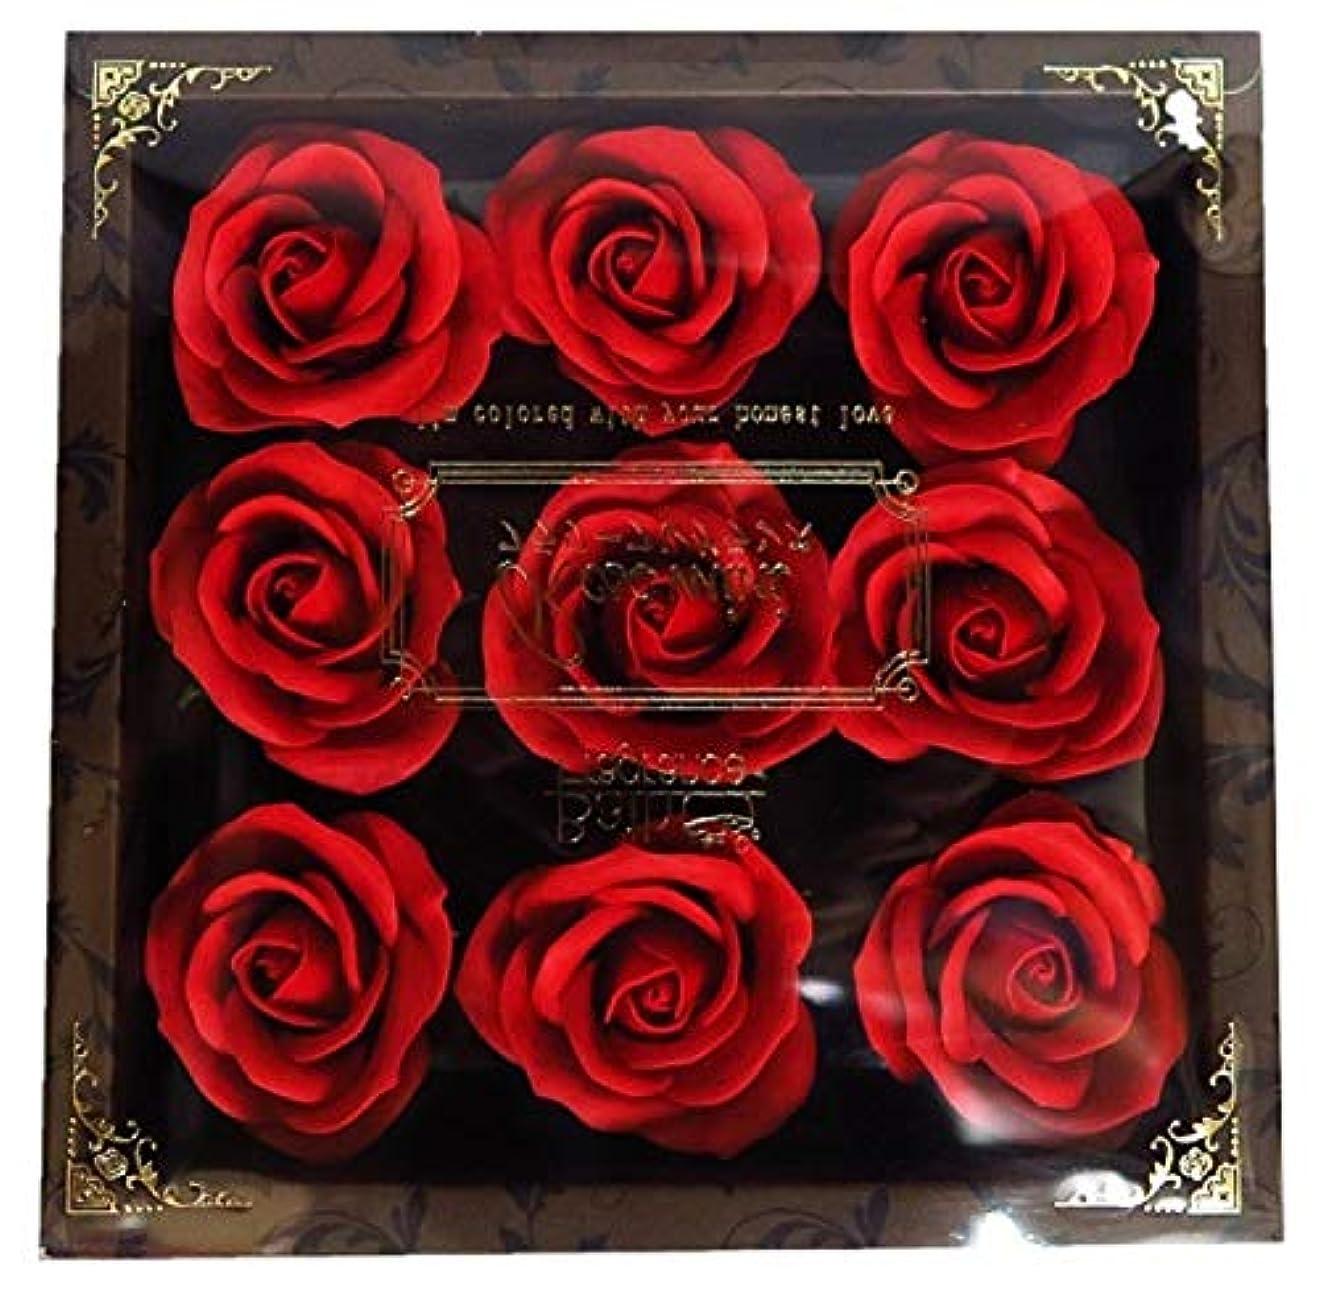 掃く一次名前を作るバスフレグランス フラワーフレグランス ミニローズフレグランス(L)レッド ギフト お花の形の入浴剤 プレゼント ばら